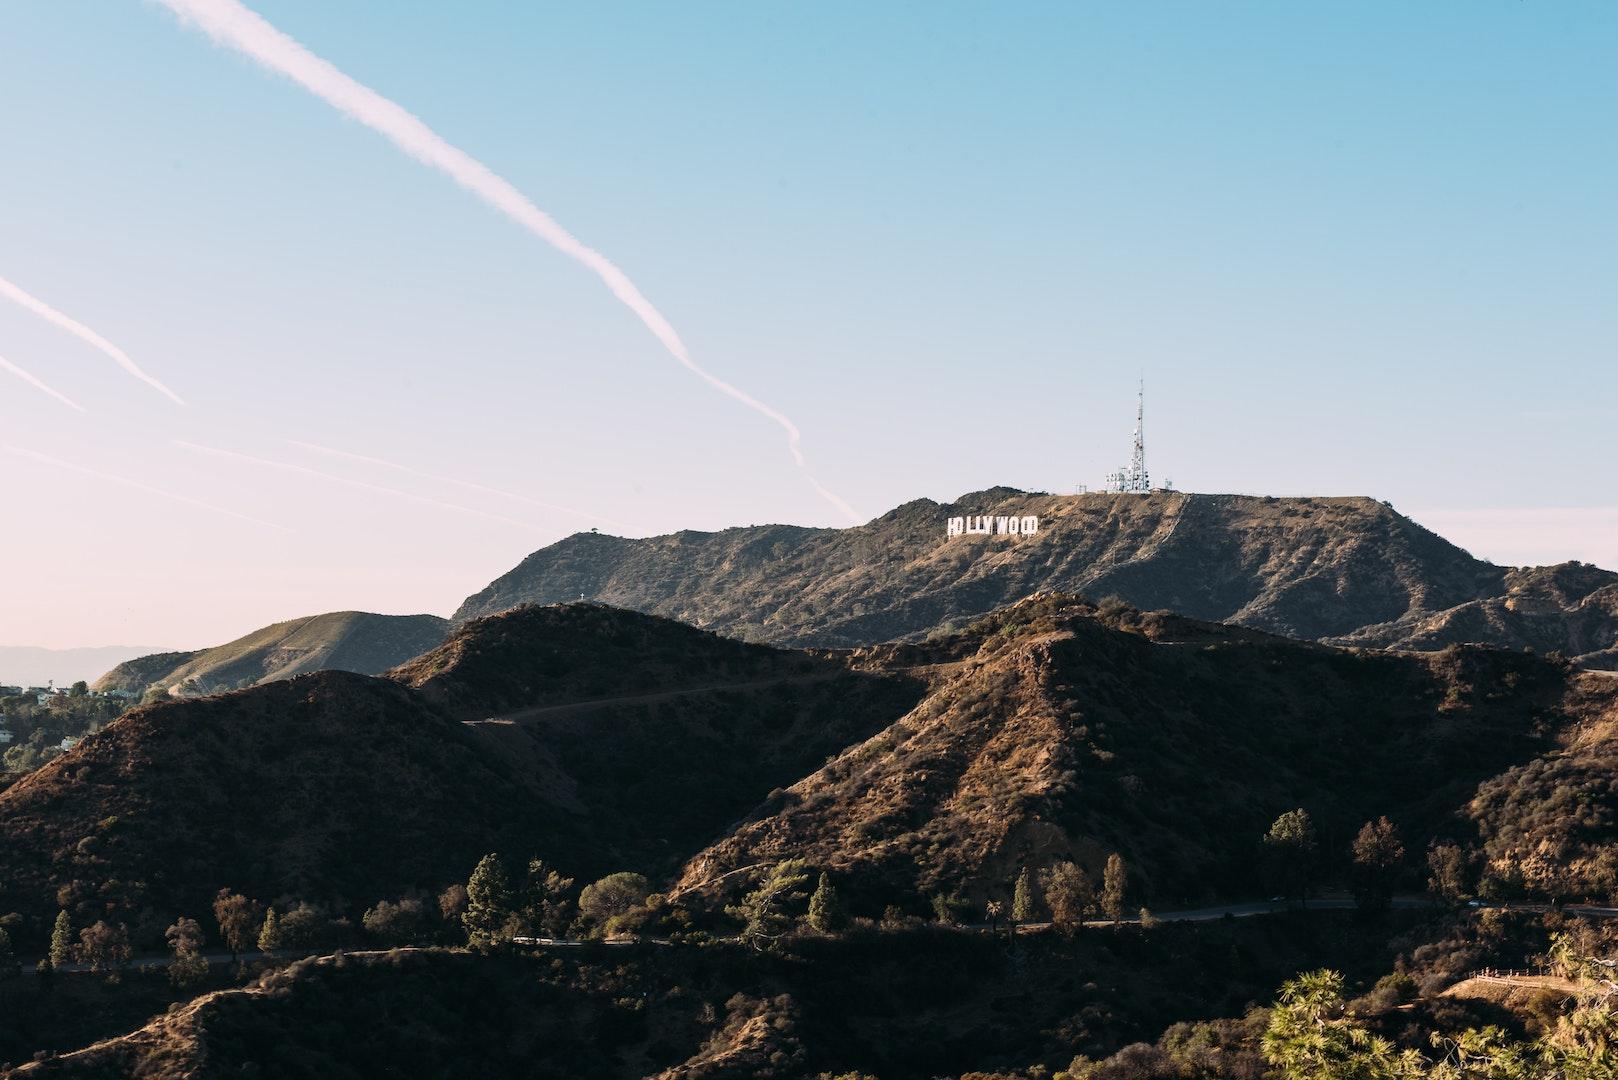 blue-sky-daylight-hollywood-305256